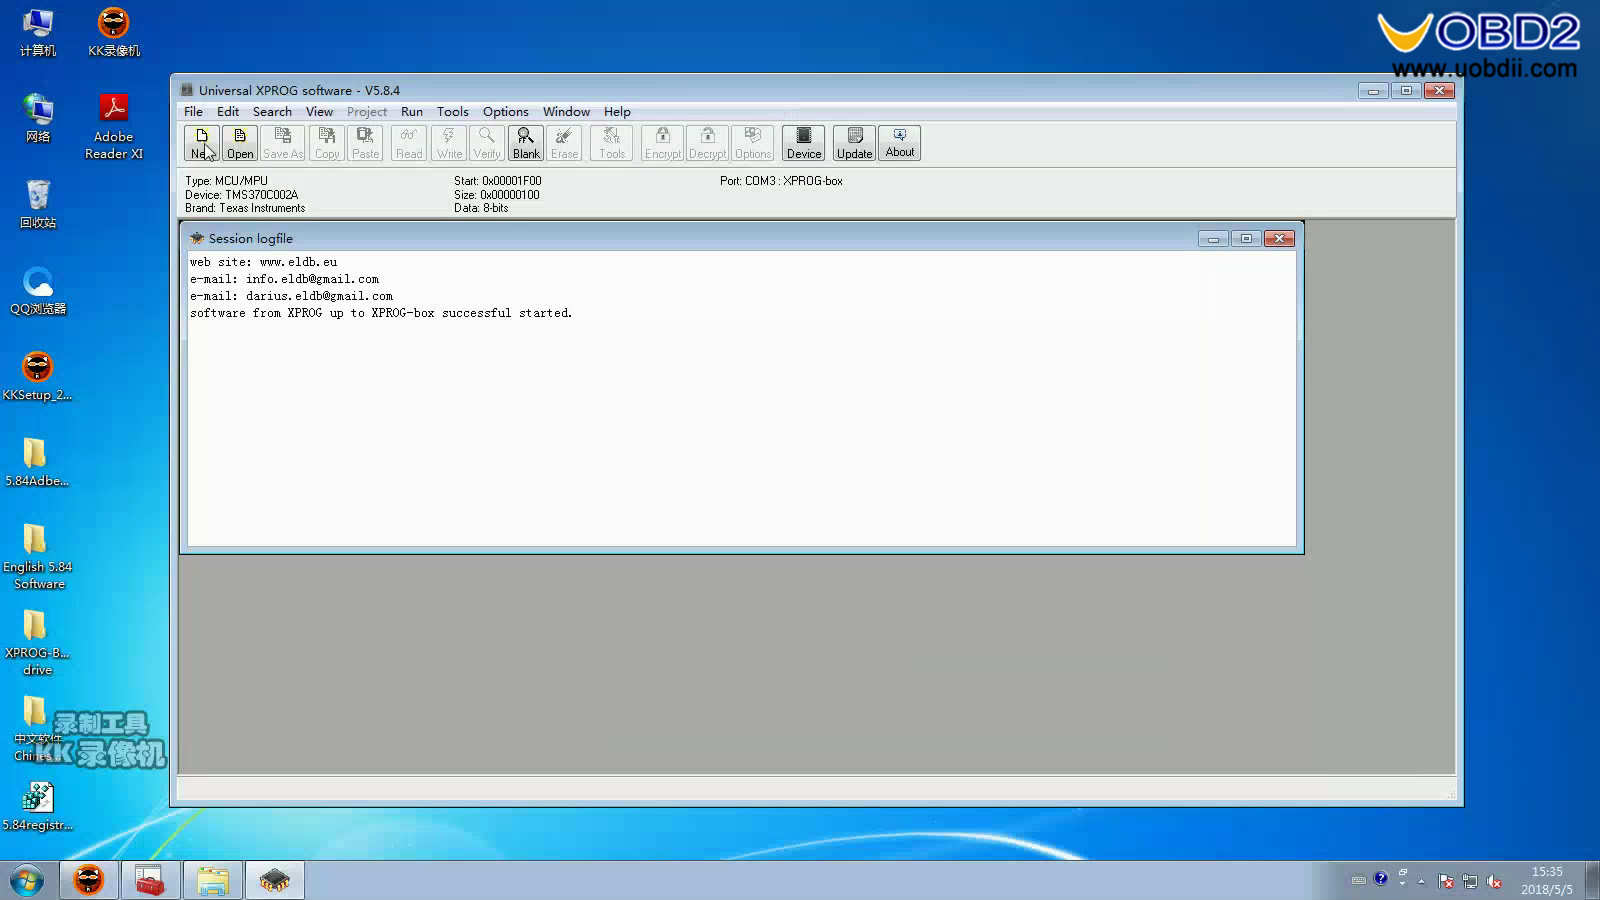 xprog-5-84-win7-64bit-install-13